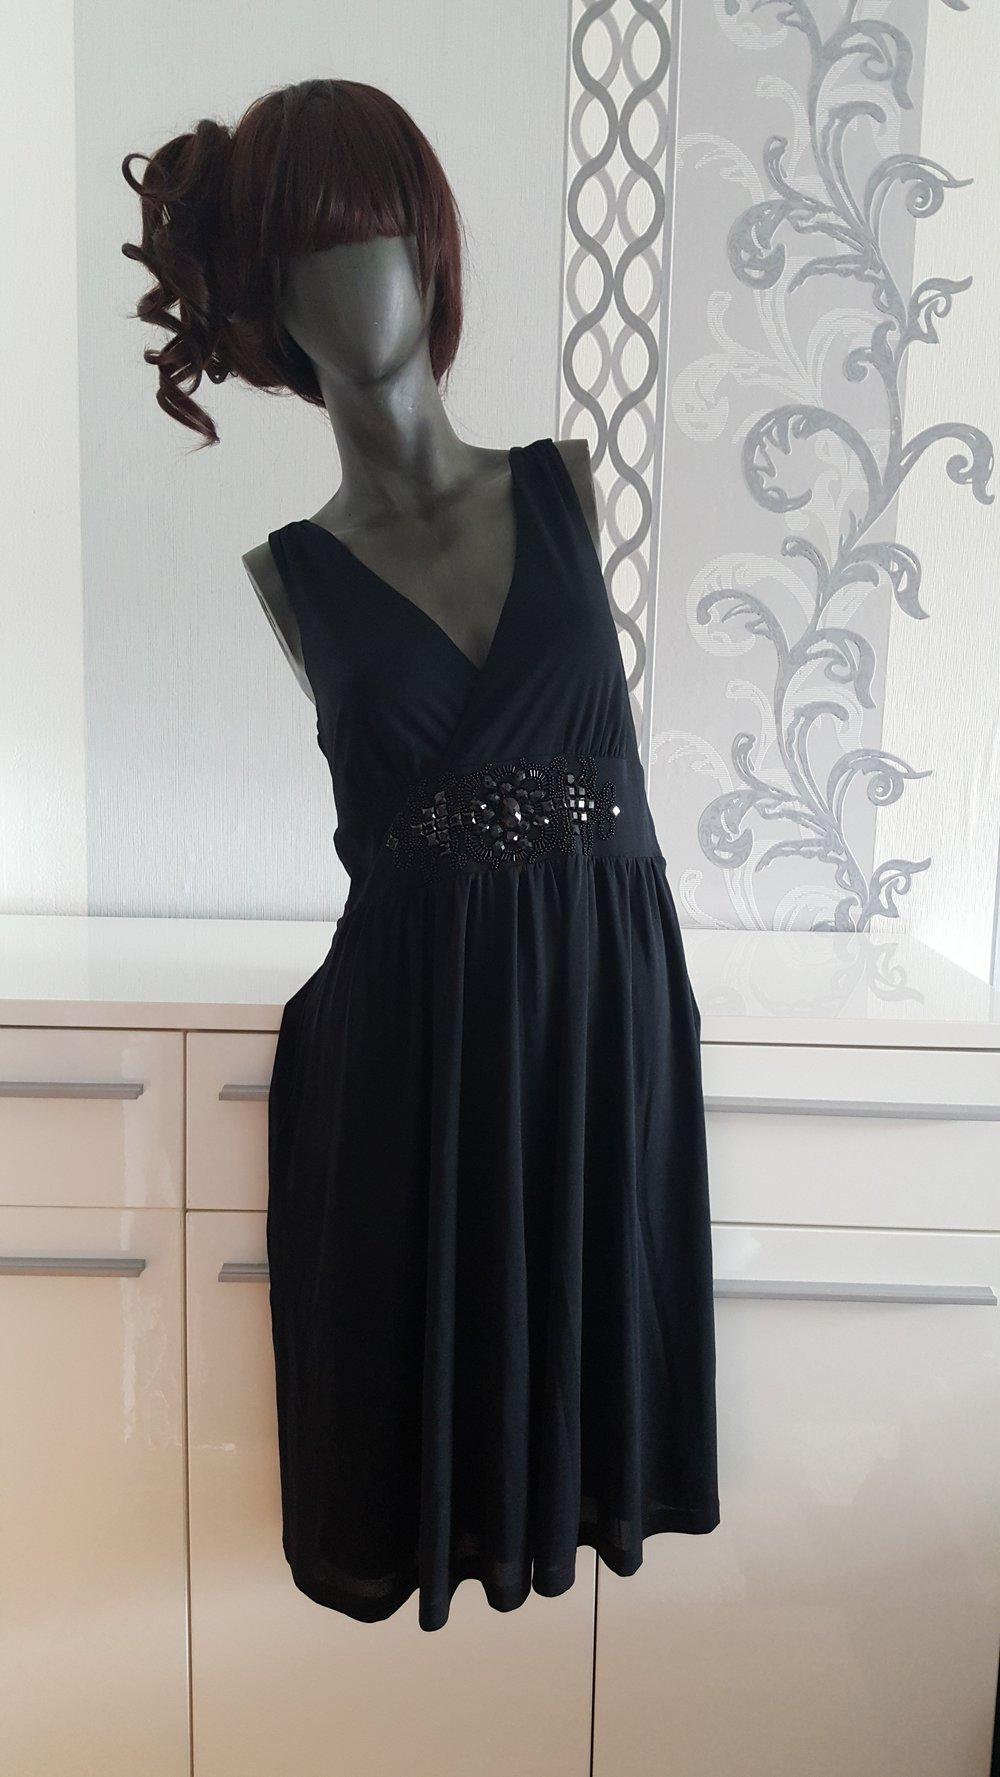 Elegantes schwarzes Esprit Kleid Hochzeit besondere Anlässe 12 12 L XL  evtl. 12 da dehnbar Farbe